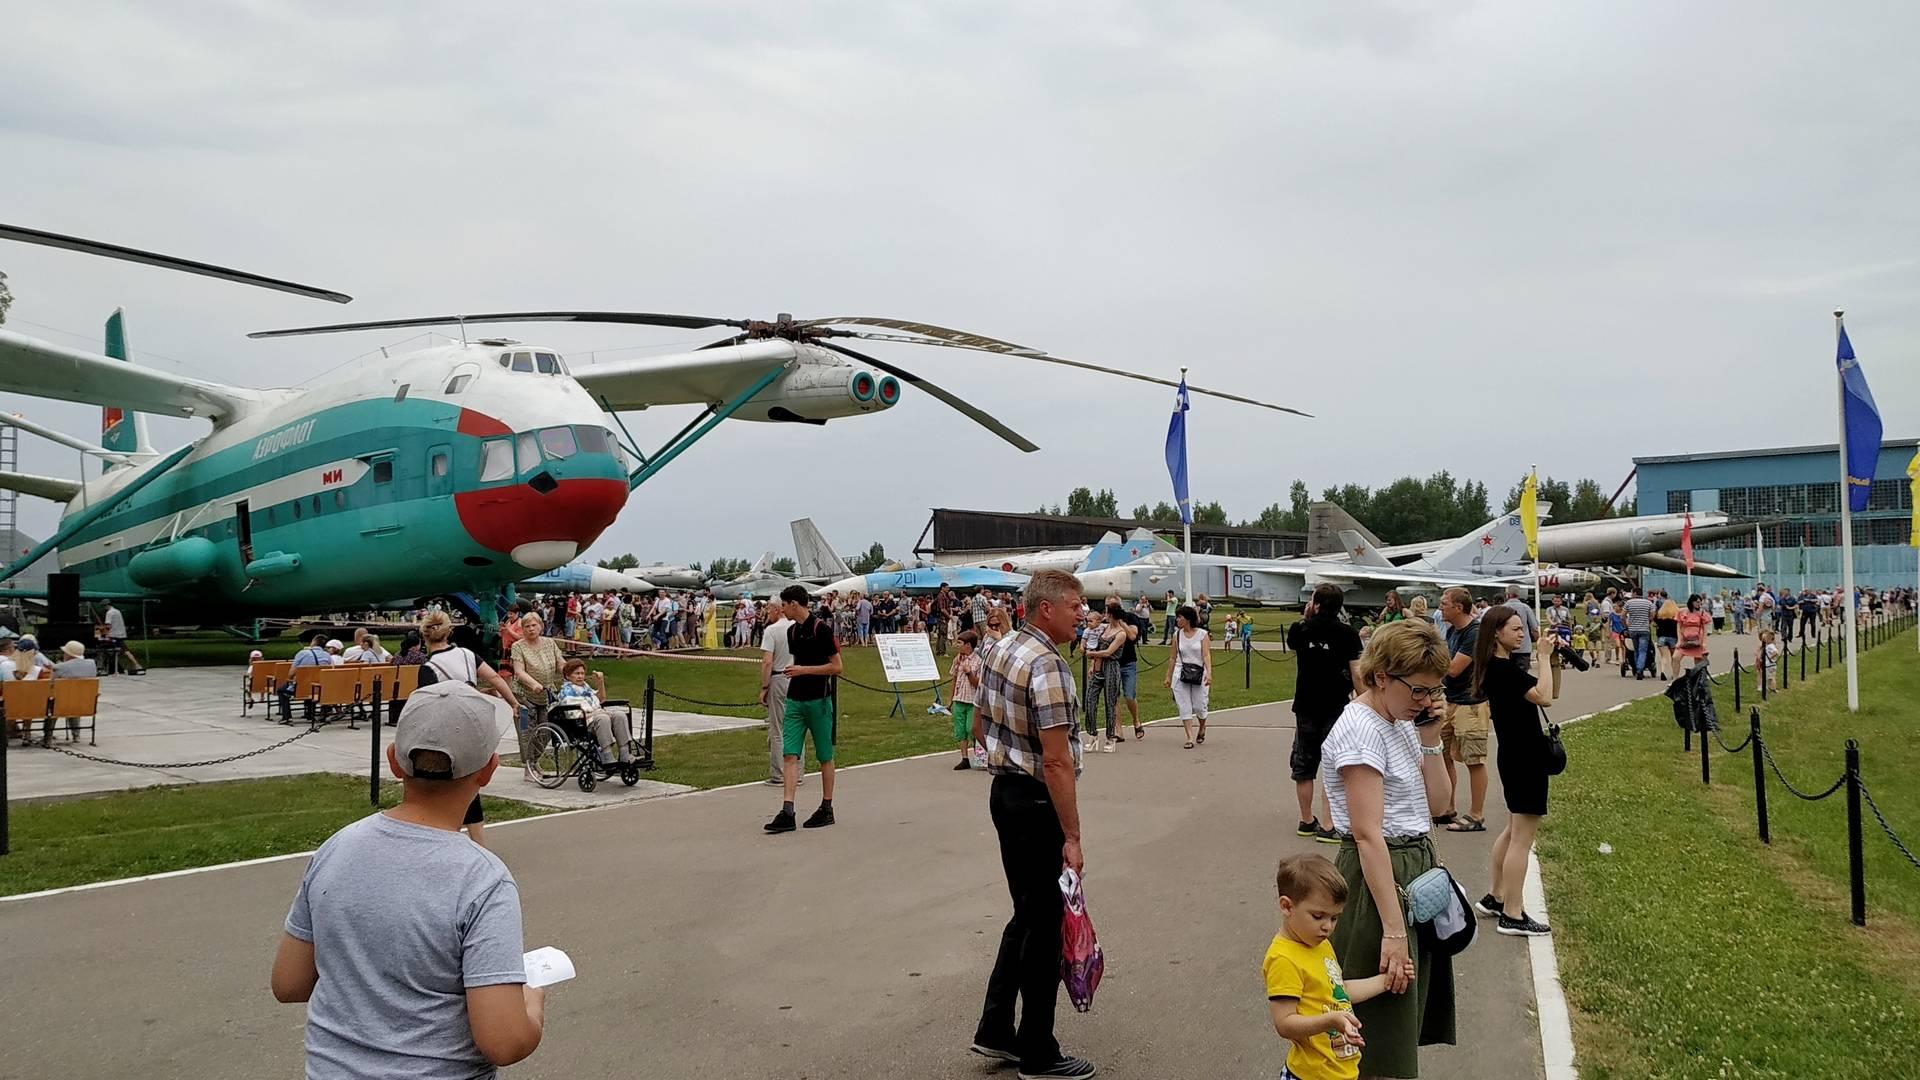 День открытых дверей в Центральном музее ВВС в Монино